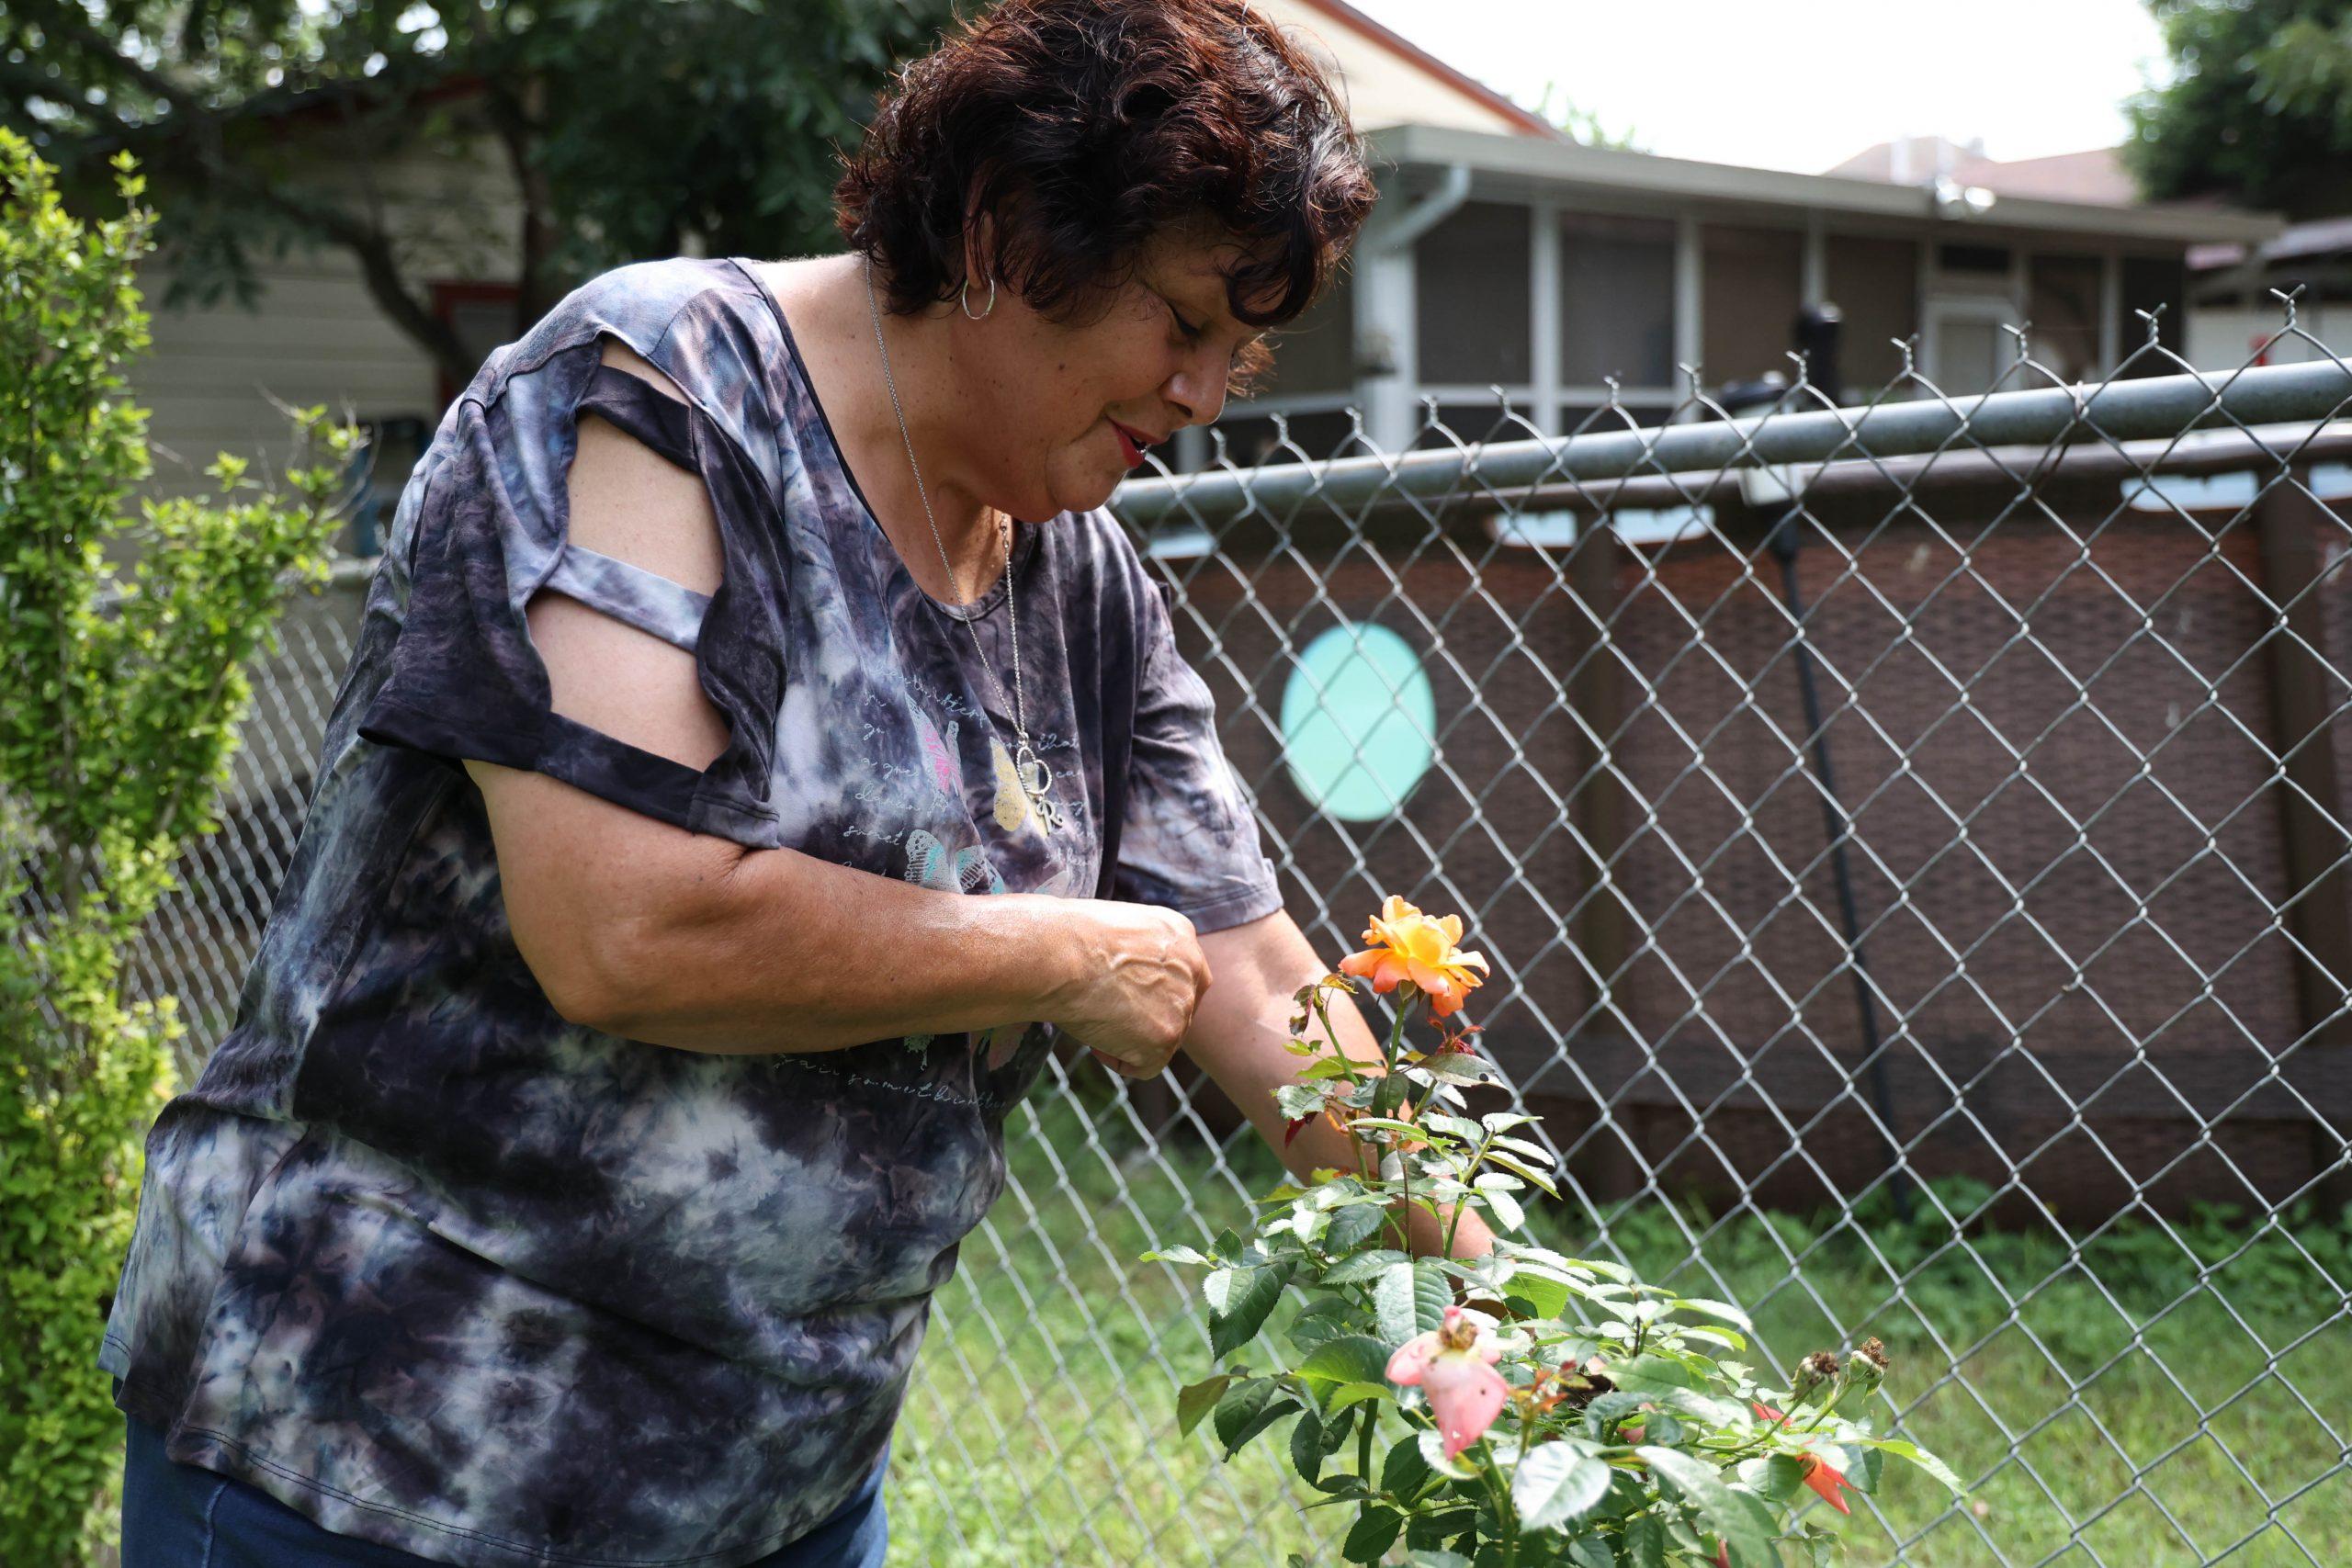 Baca admires a flower growing in her garden.